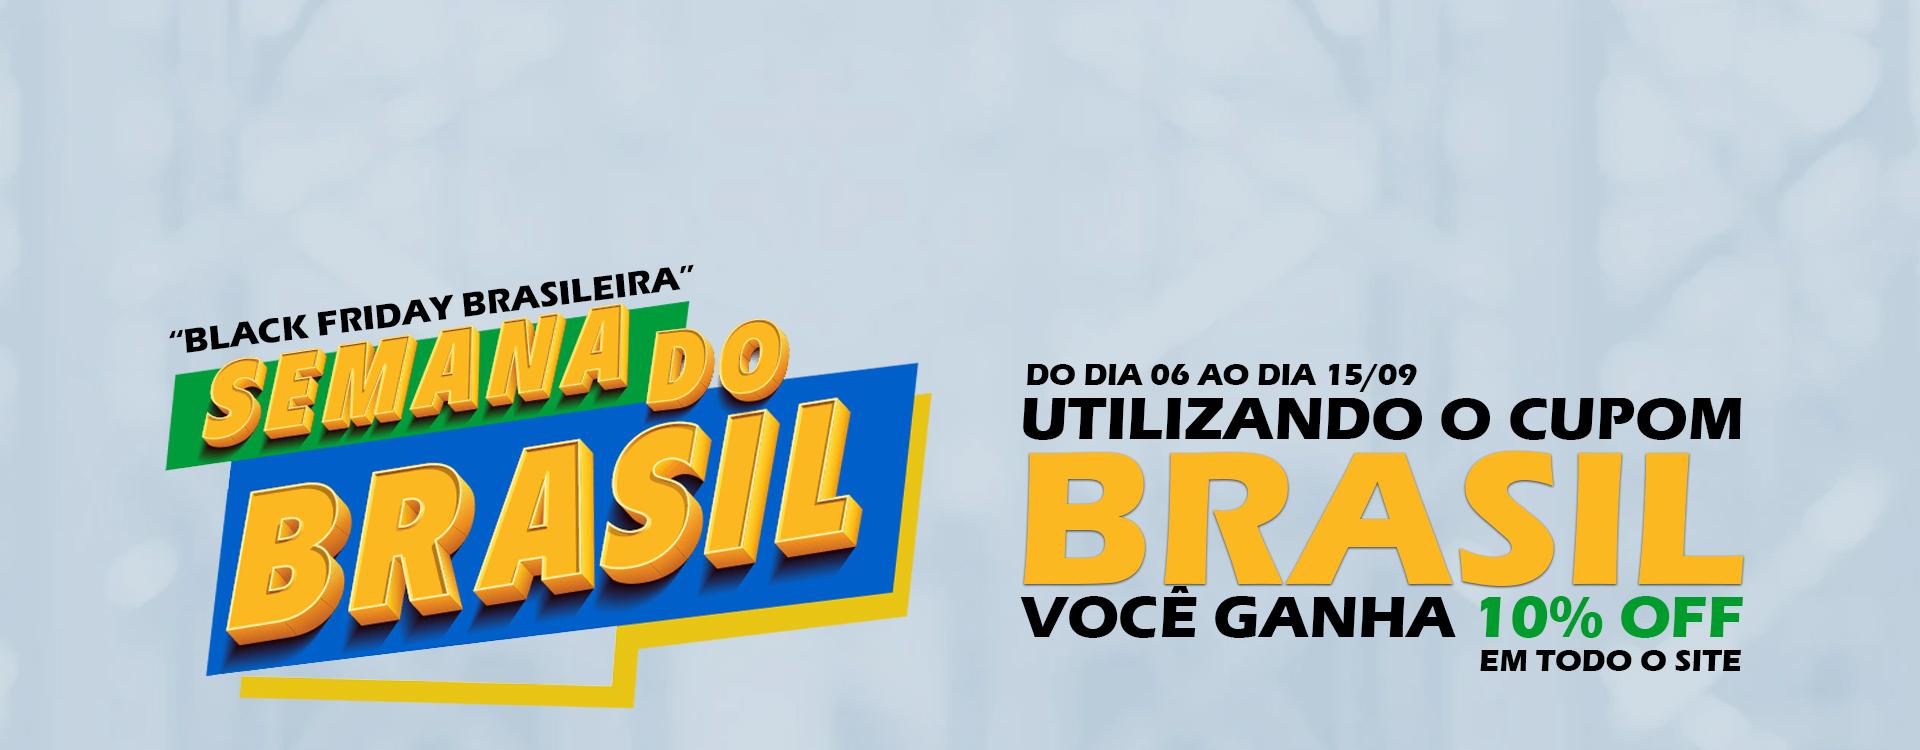 brasil cupom